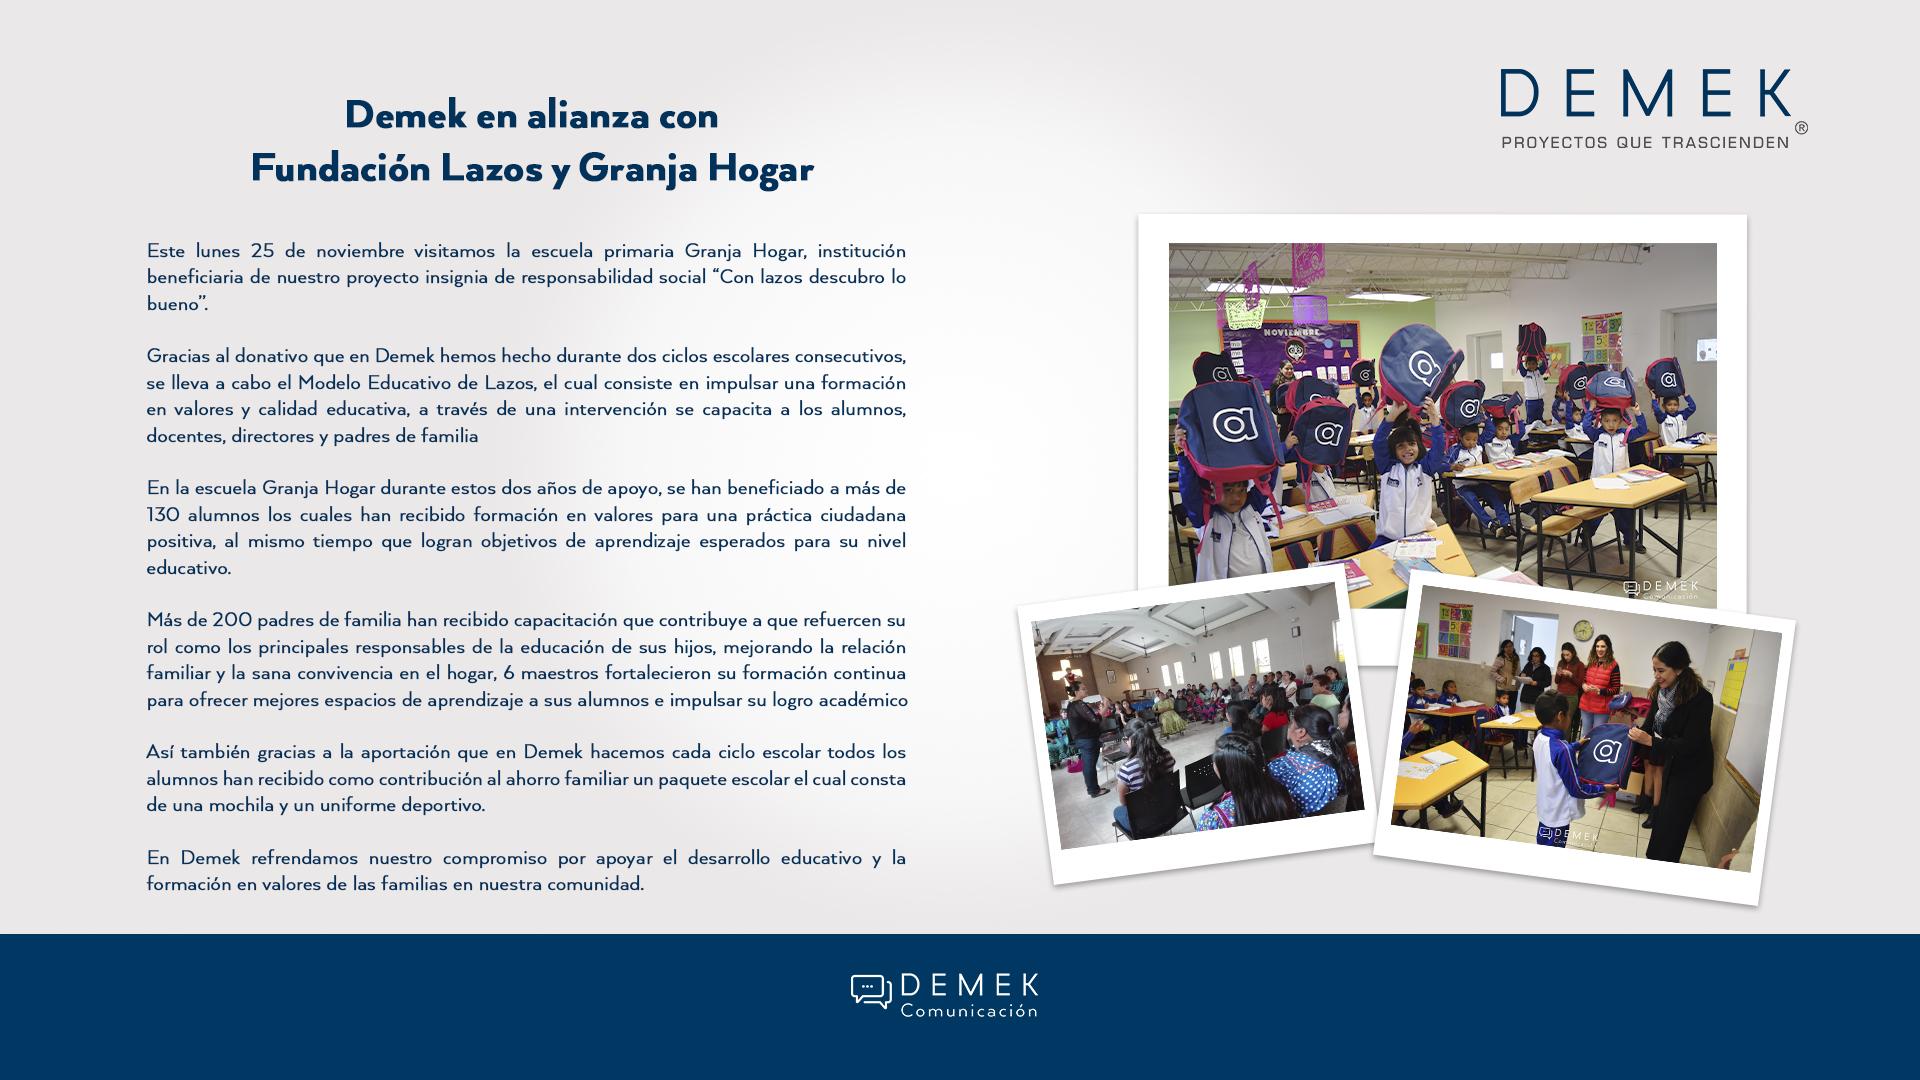 Demek apoyando a Fundación Lazos y Granja Hogar